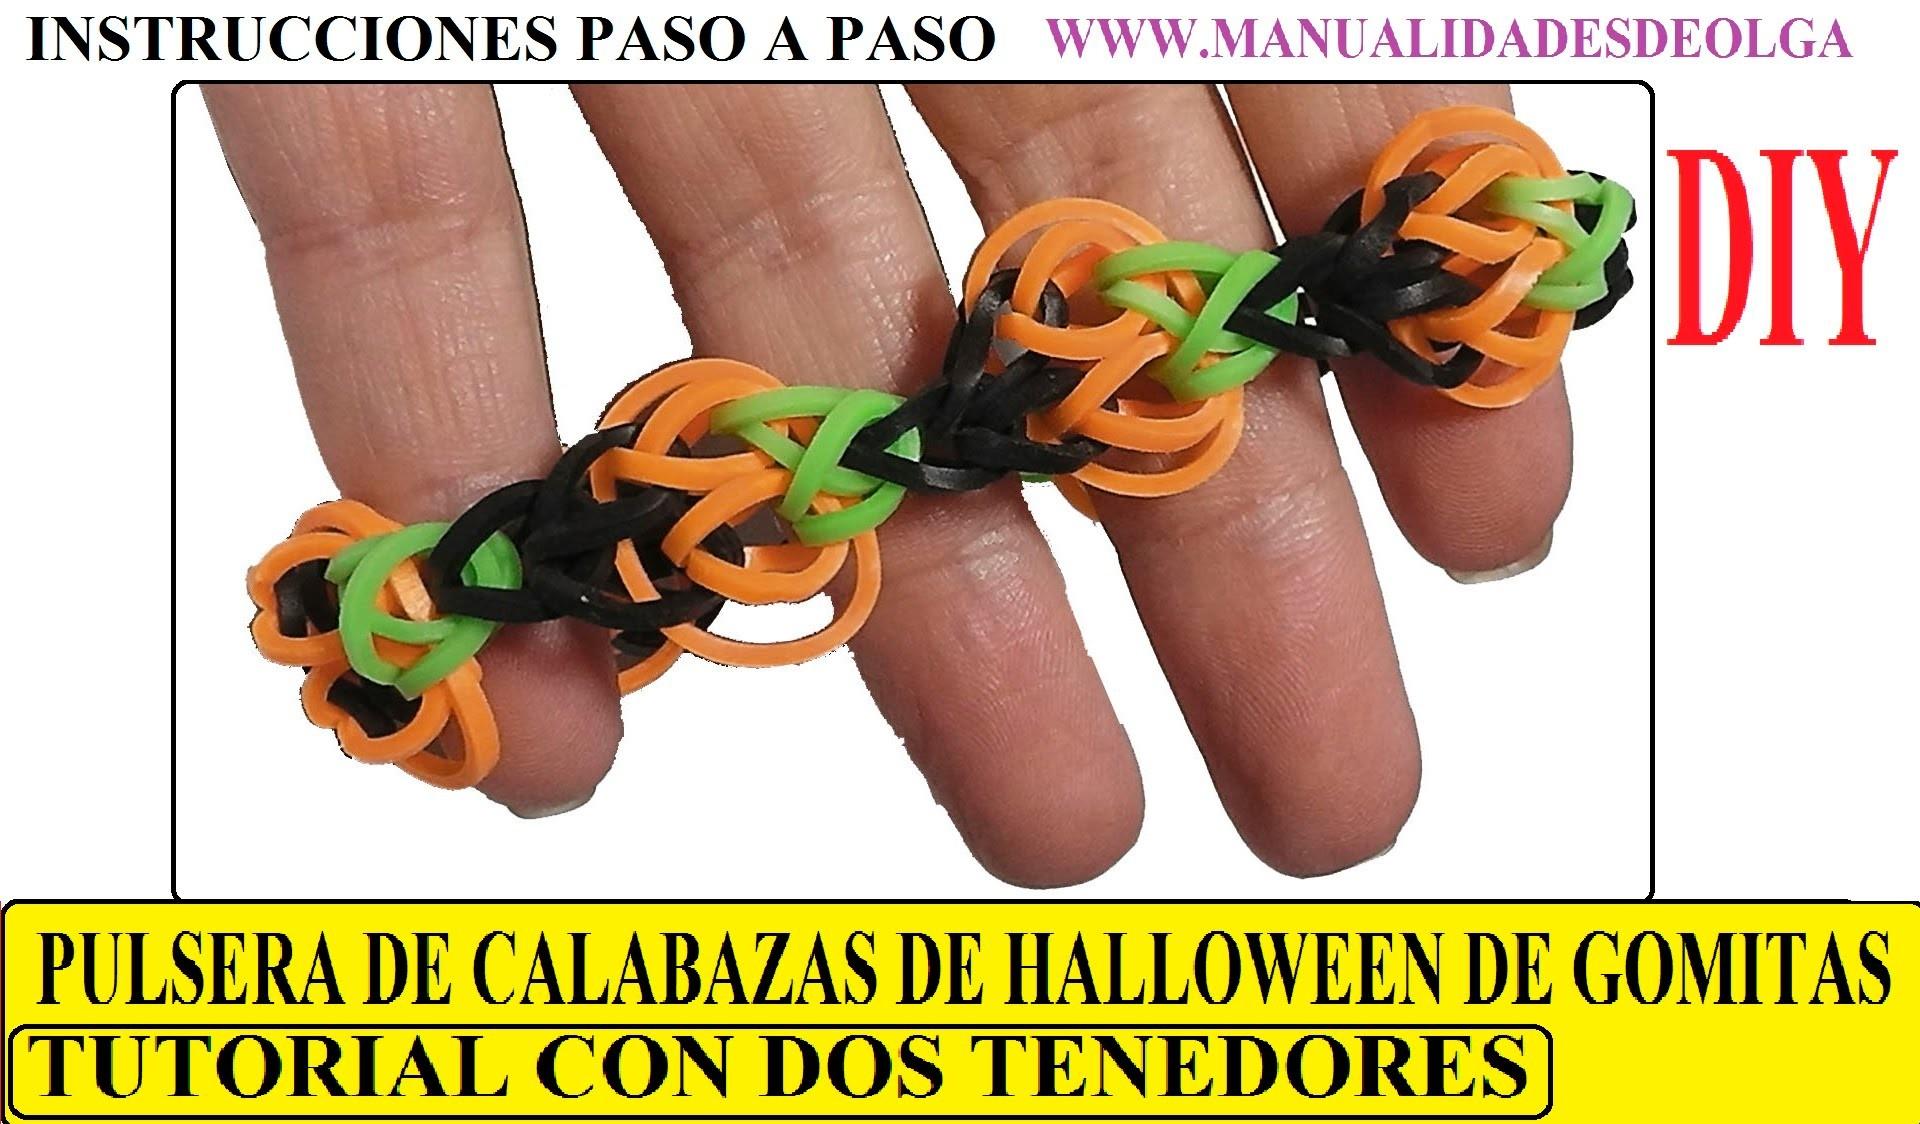 COMO HACER UNA PULSERA DE CALABAZAS DE HALLOWEEN DE GOMITAS CON DOS TENEDORES. SIN TELAR. TUTORIAL